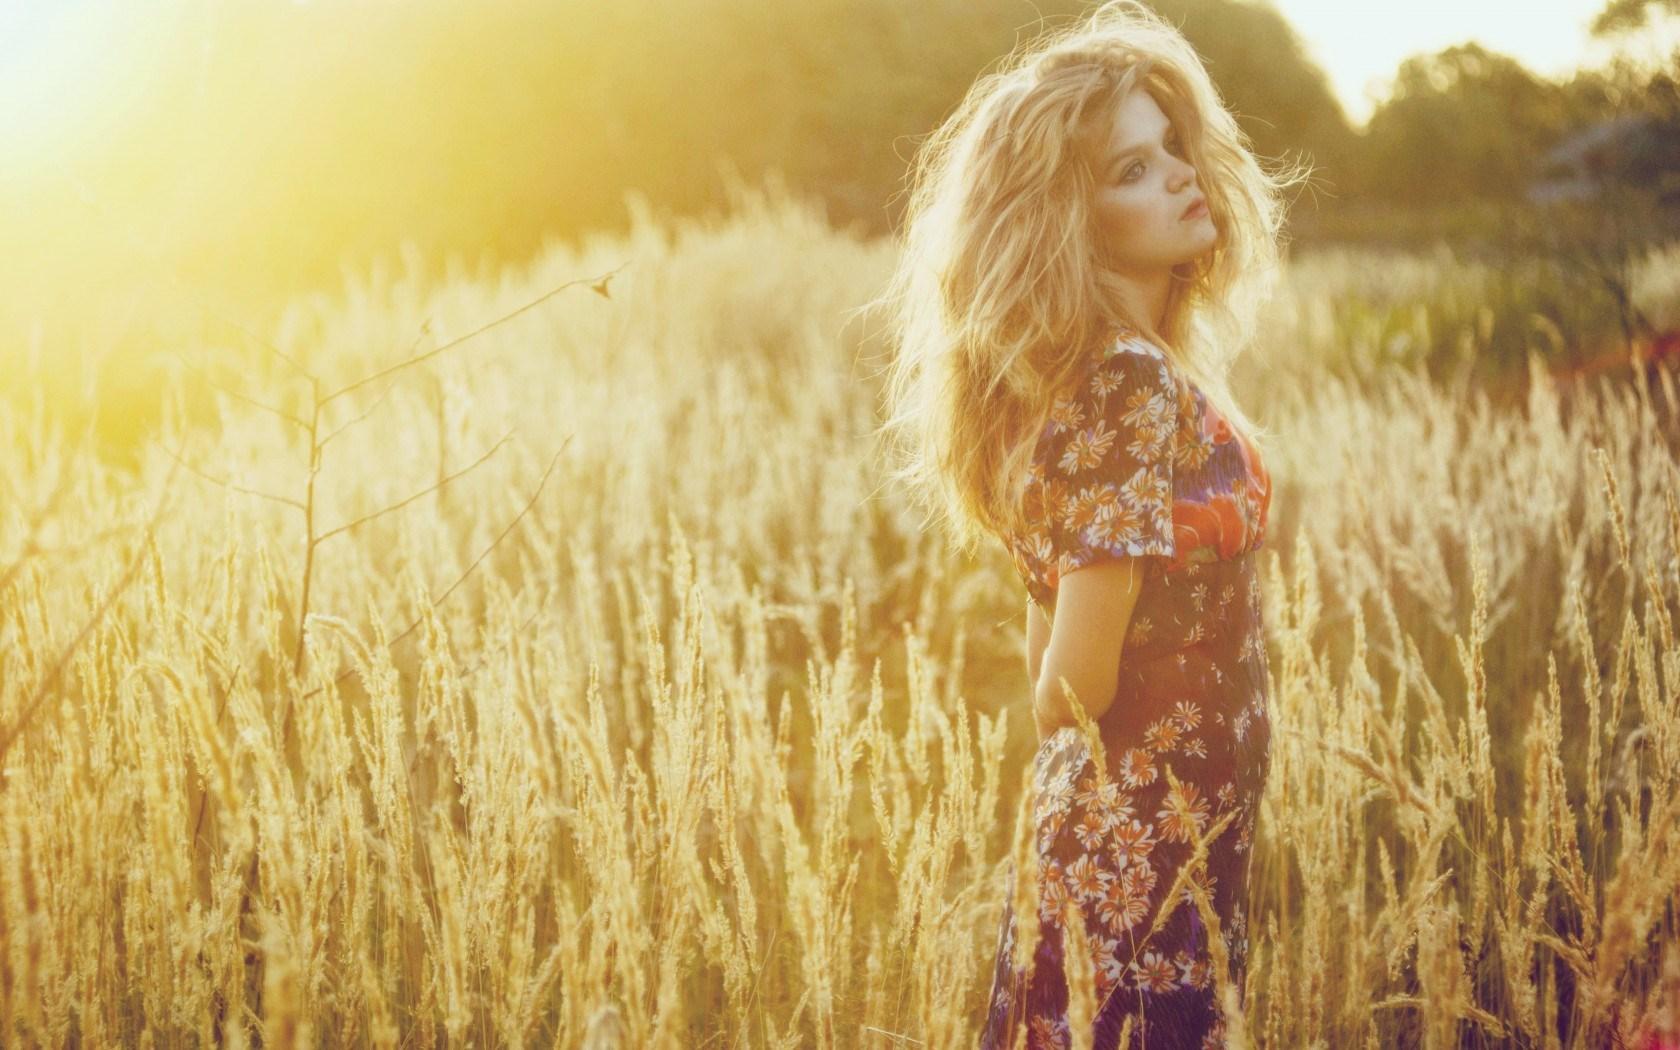 Fashion Model Blonde Field